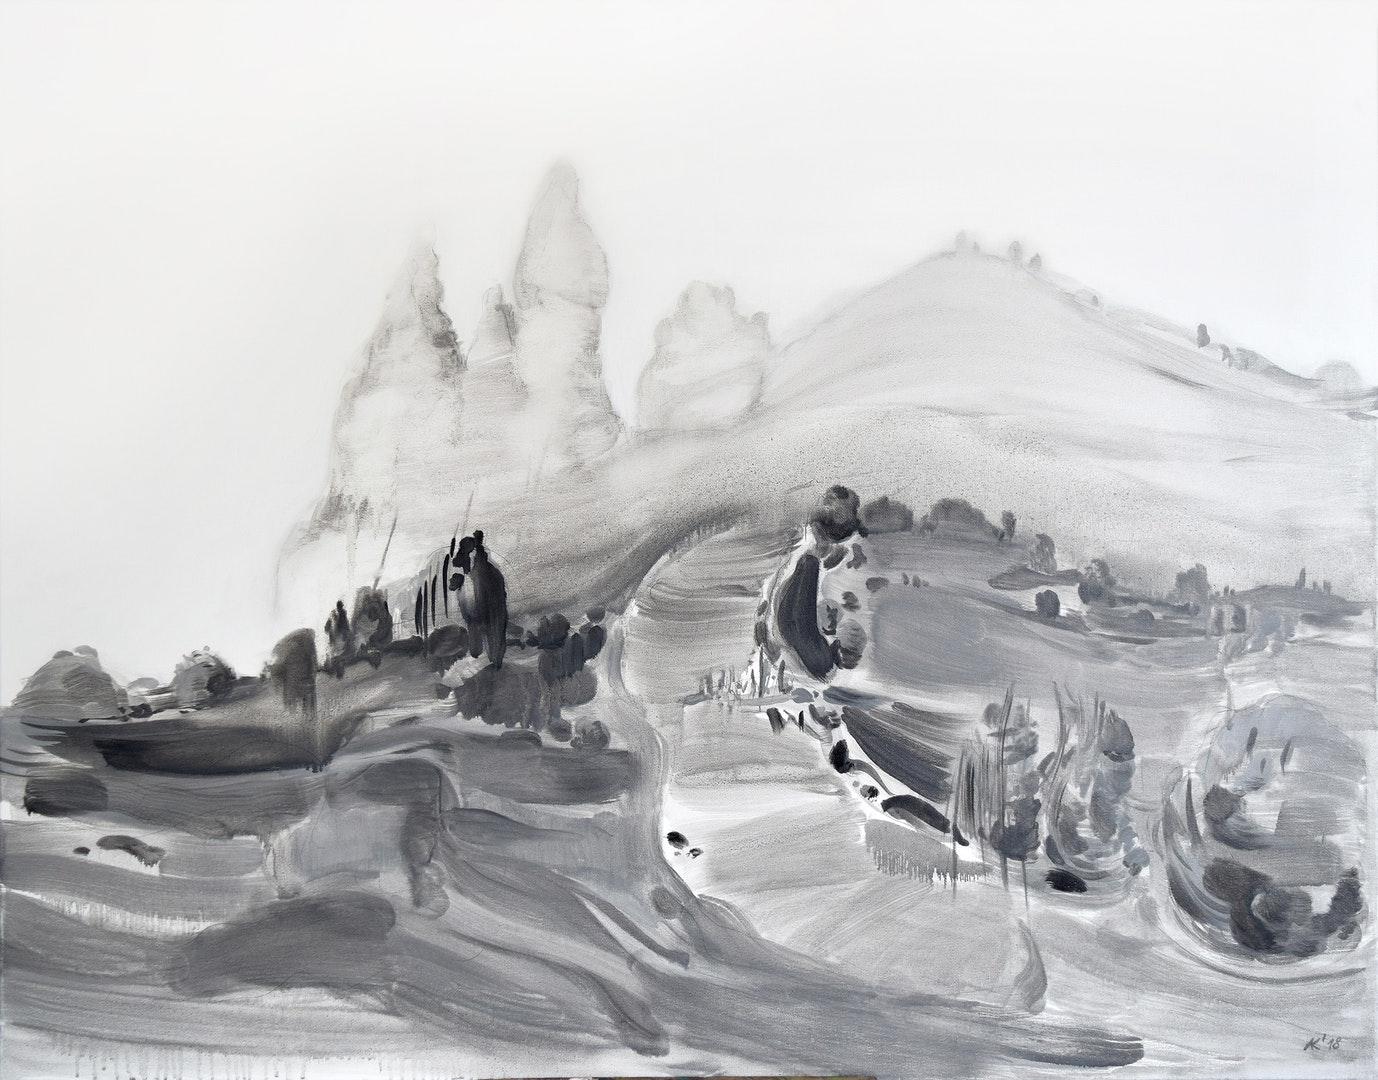 'Island III', Asta Kulikauskaite-Krivickiene, Oil on canvas, 70 x 90 x 2 cm